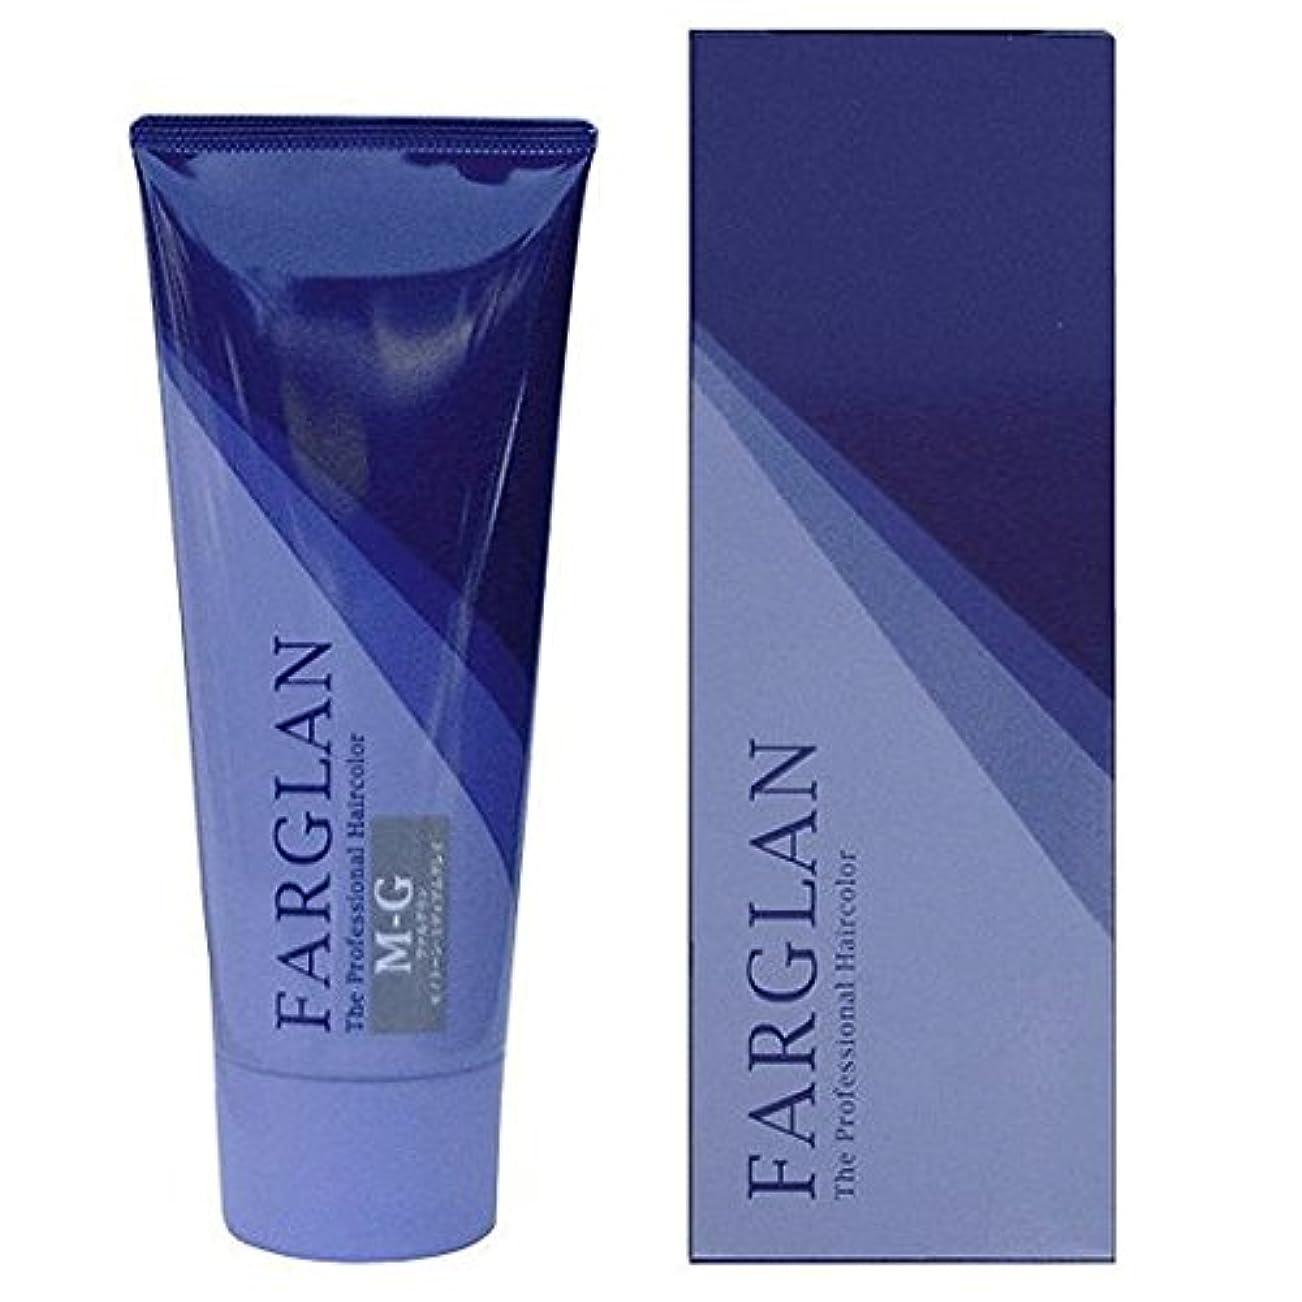 信頼性のある手直接FARGLAN(ファルグラン) ヘアカラー GR(GREEN) 160g